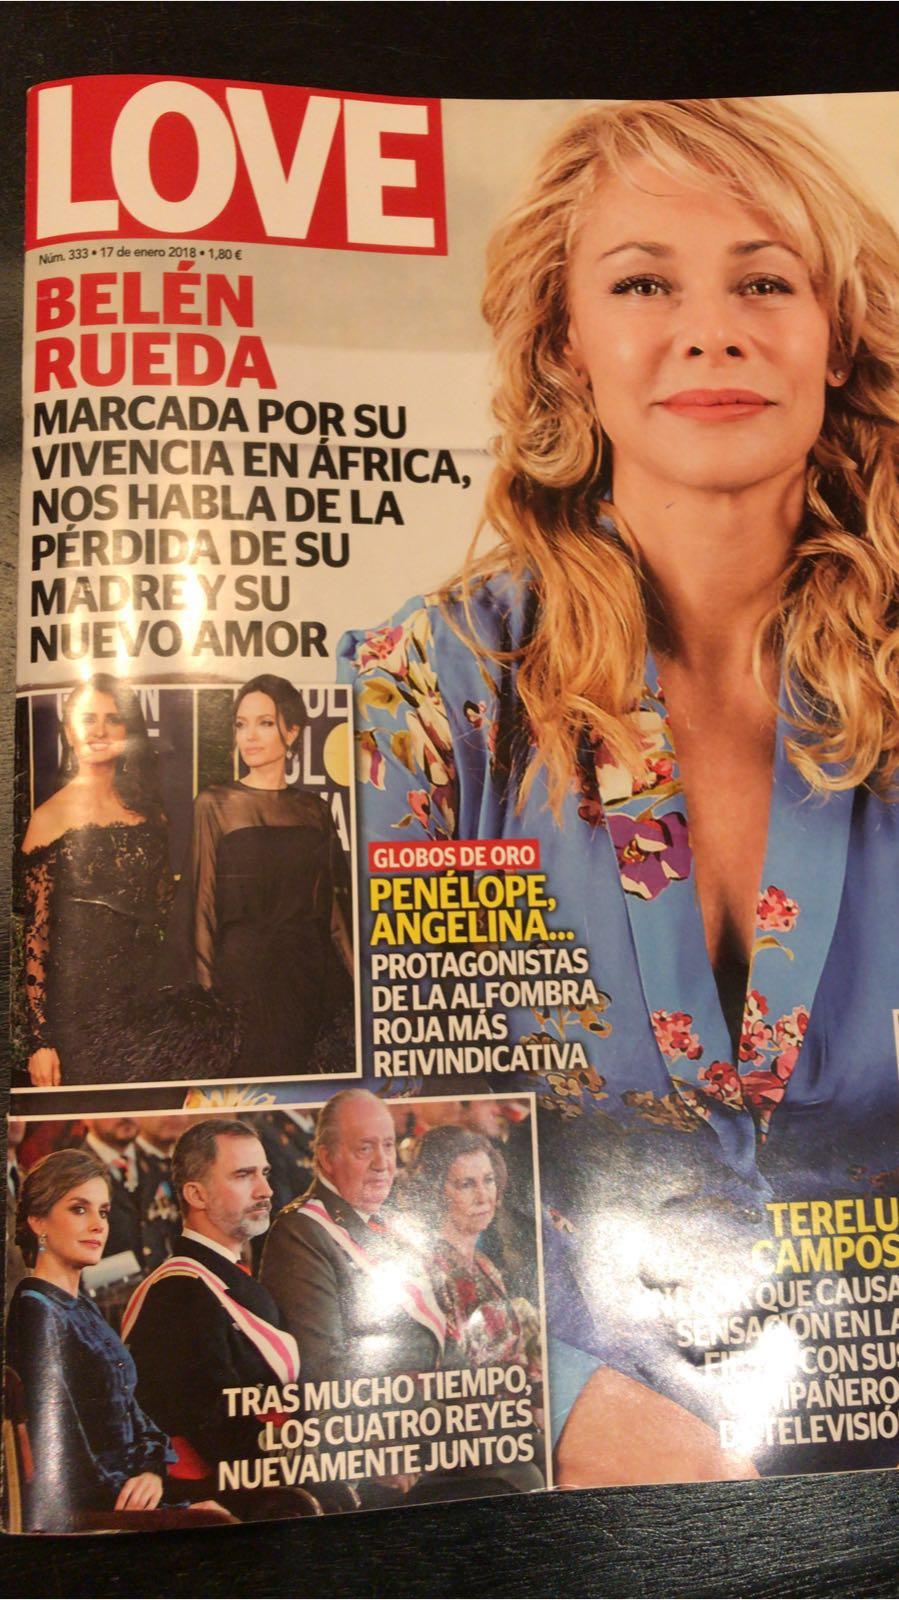 Revista-love-bertin-cordobes-palma-del-rio